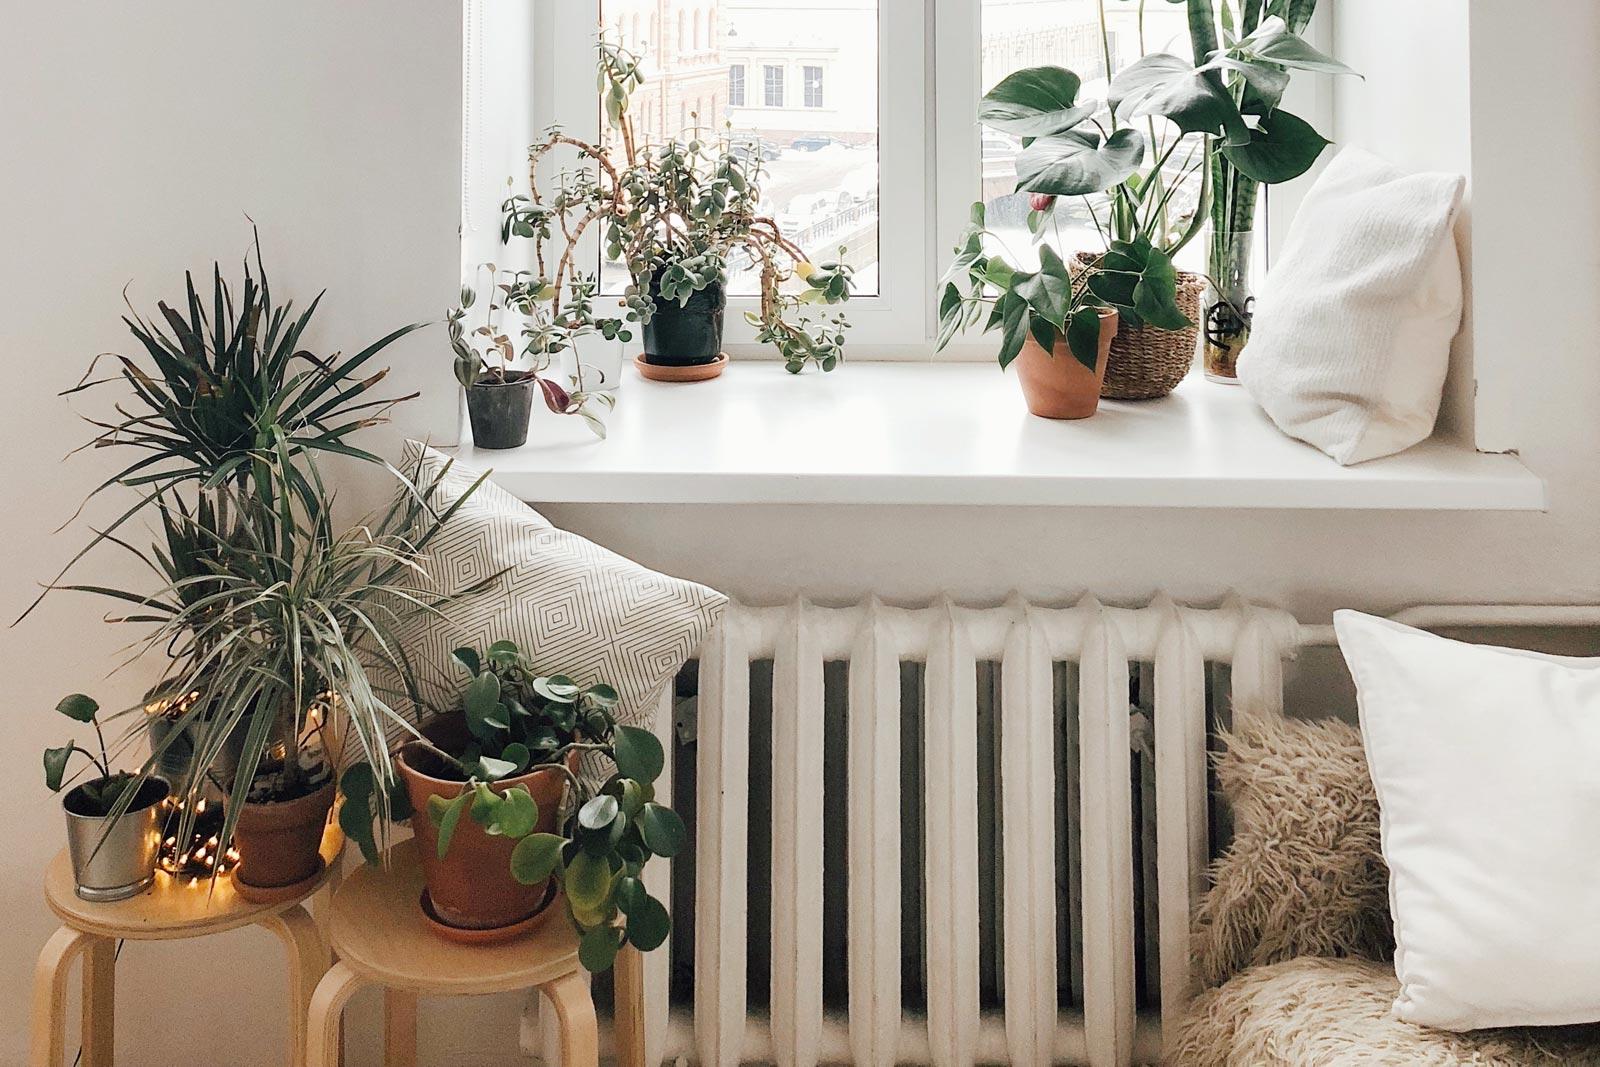 termosifone in ghisa sotto a una finestra con piante